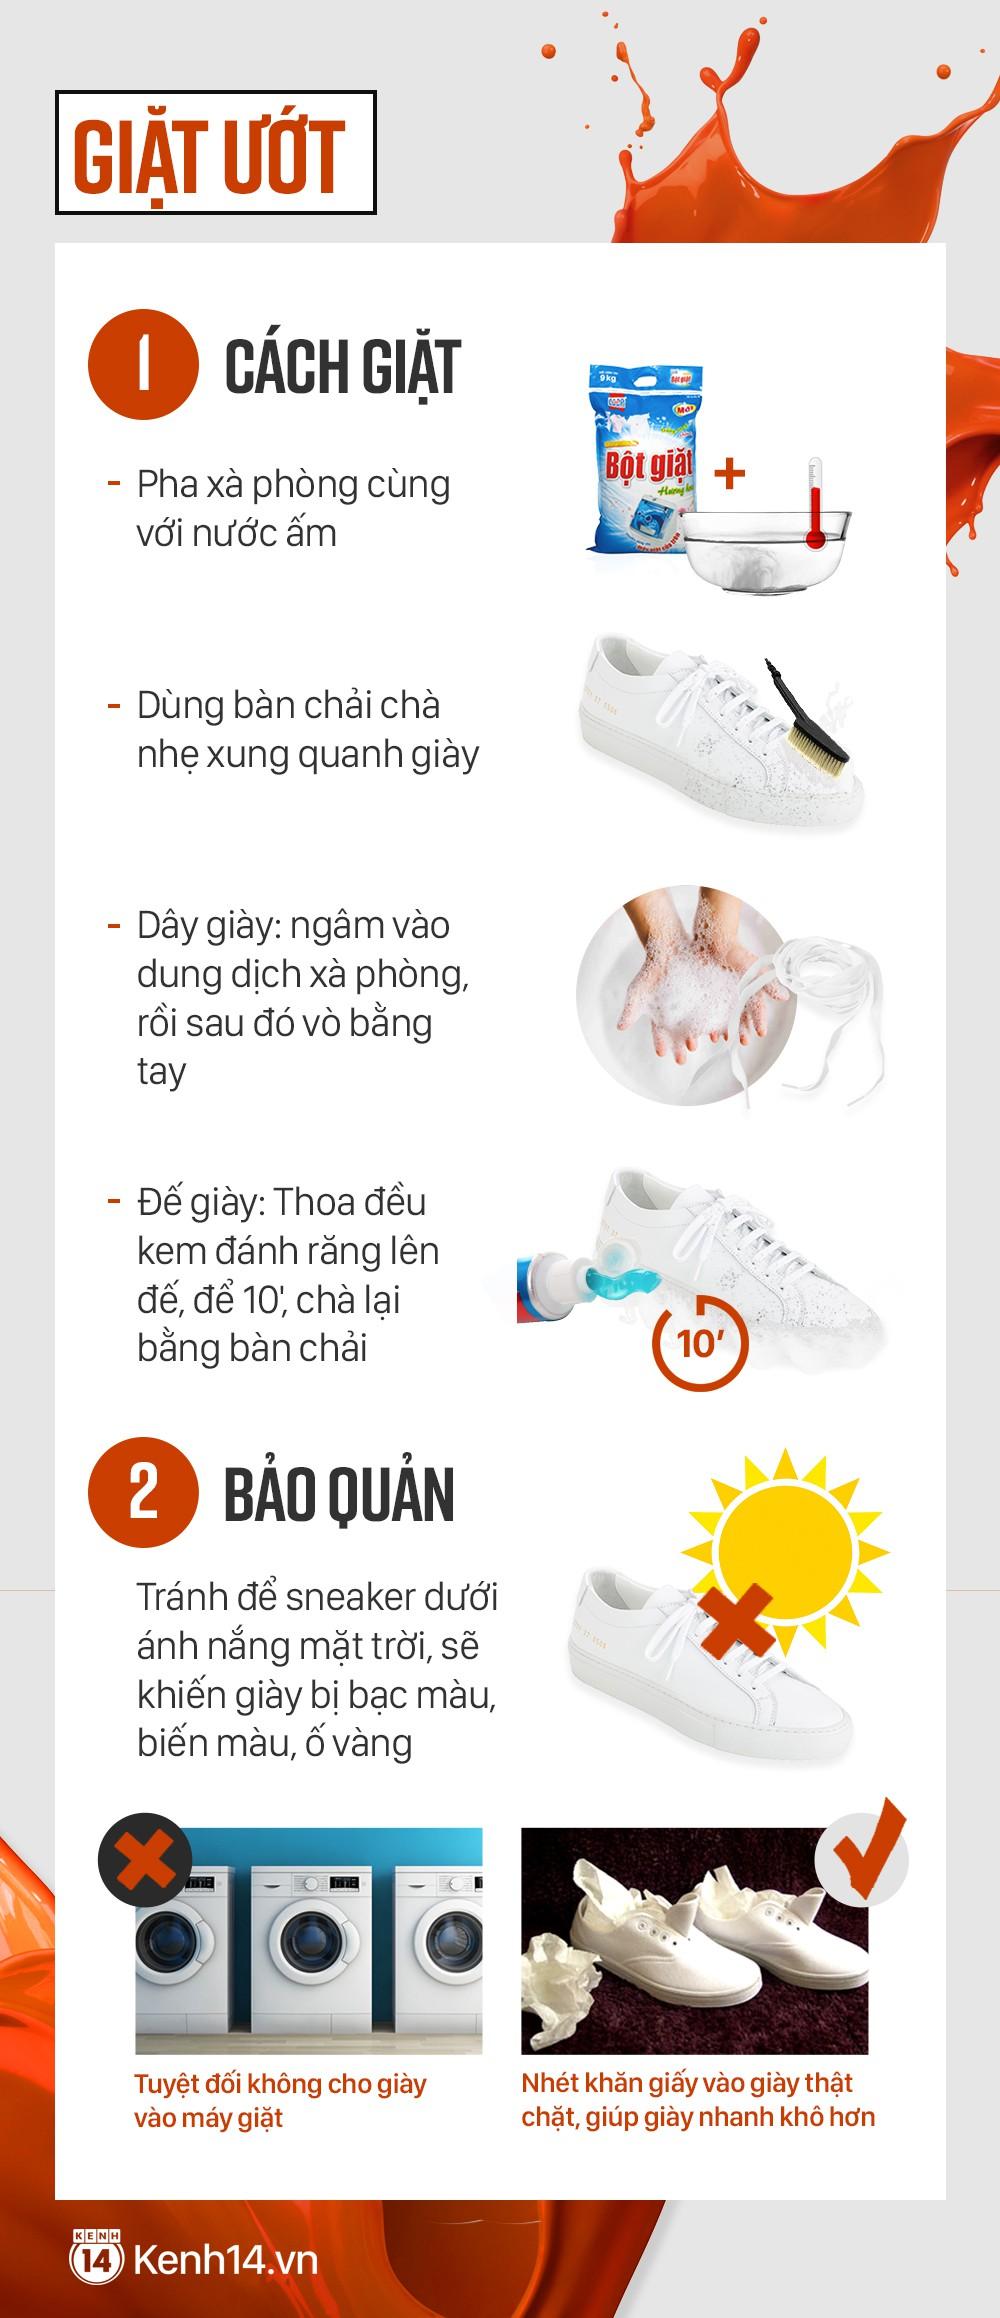 Cẩm nang xử lý mọi vấn đề, giúp cho đôi sneaker trắng của bạn lúc nào cũng tinh tươm như mới - Ảnh 5.